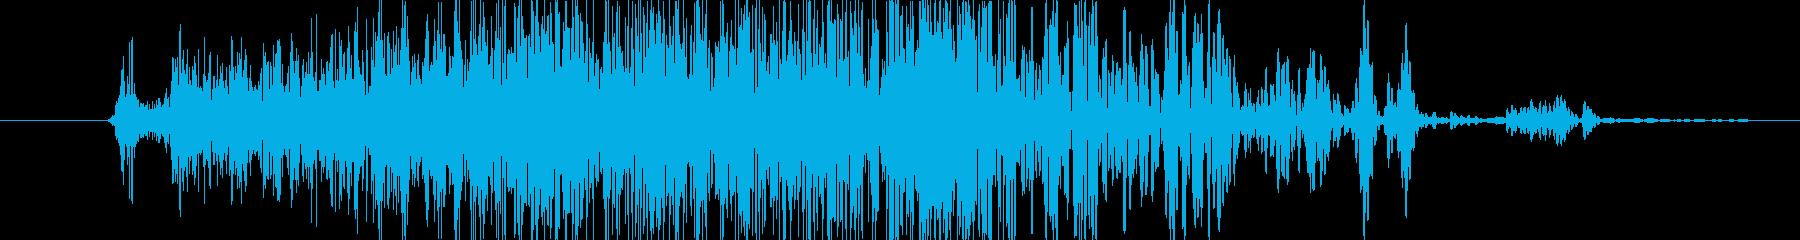 ドア ストーンクローズ01の再生済みの波形